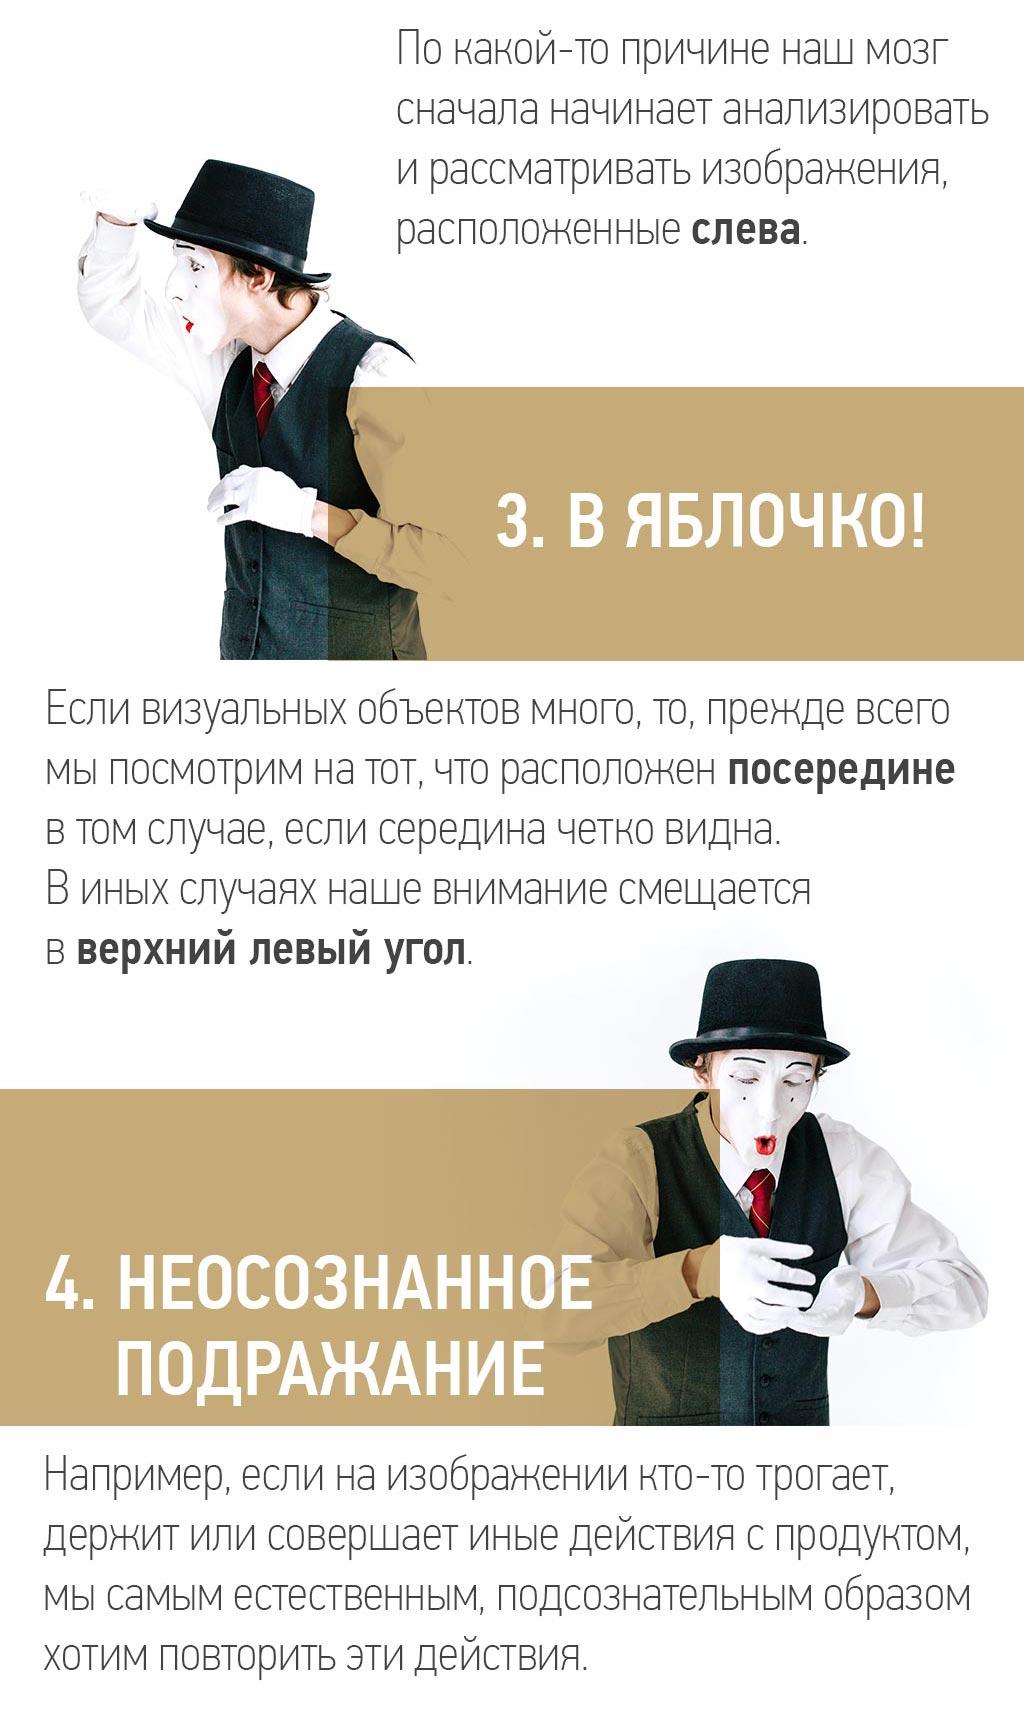 Нейромаркетинг. Инфографика про 14 триггеров, повышающих продажи фото